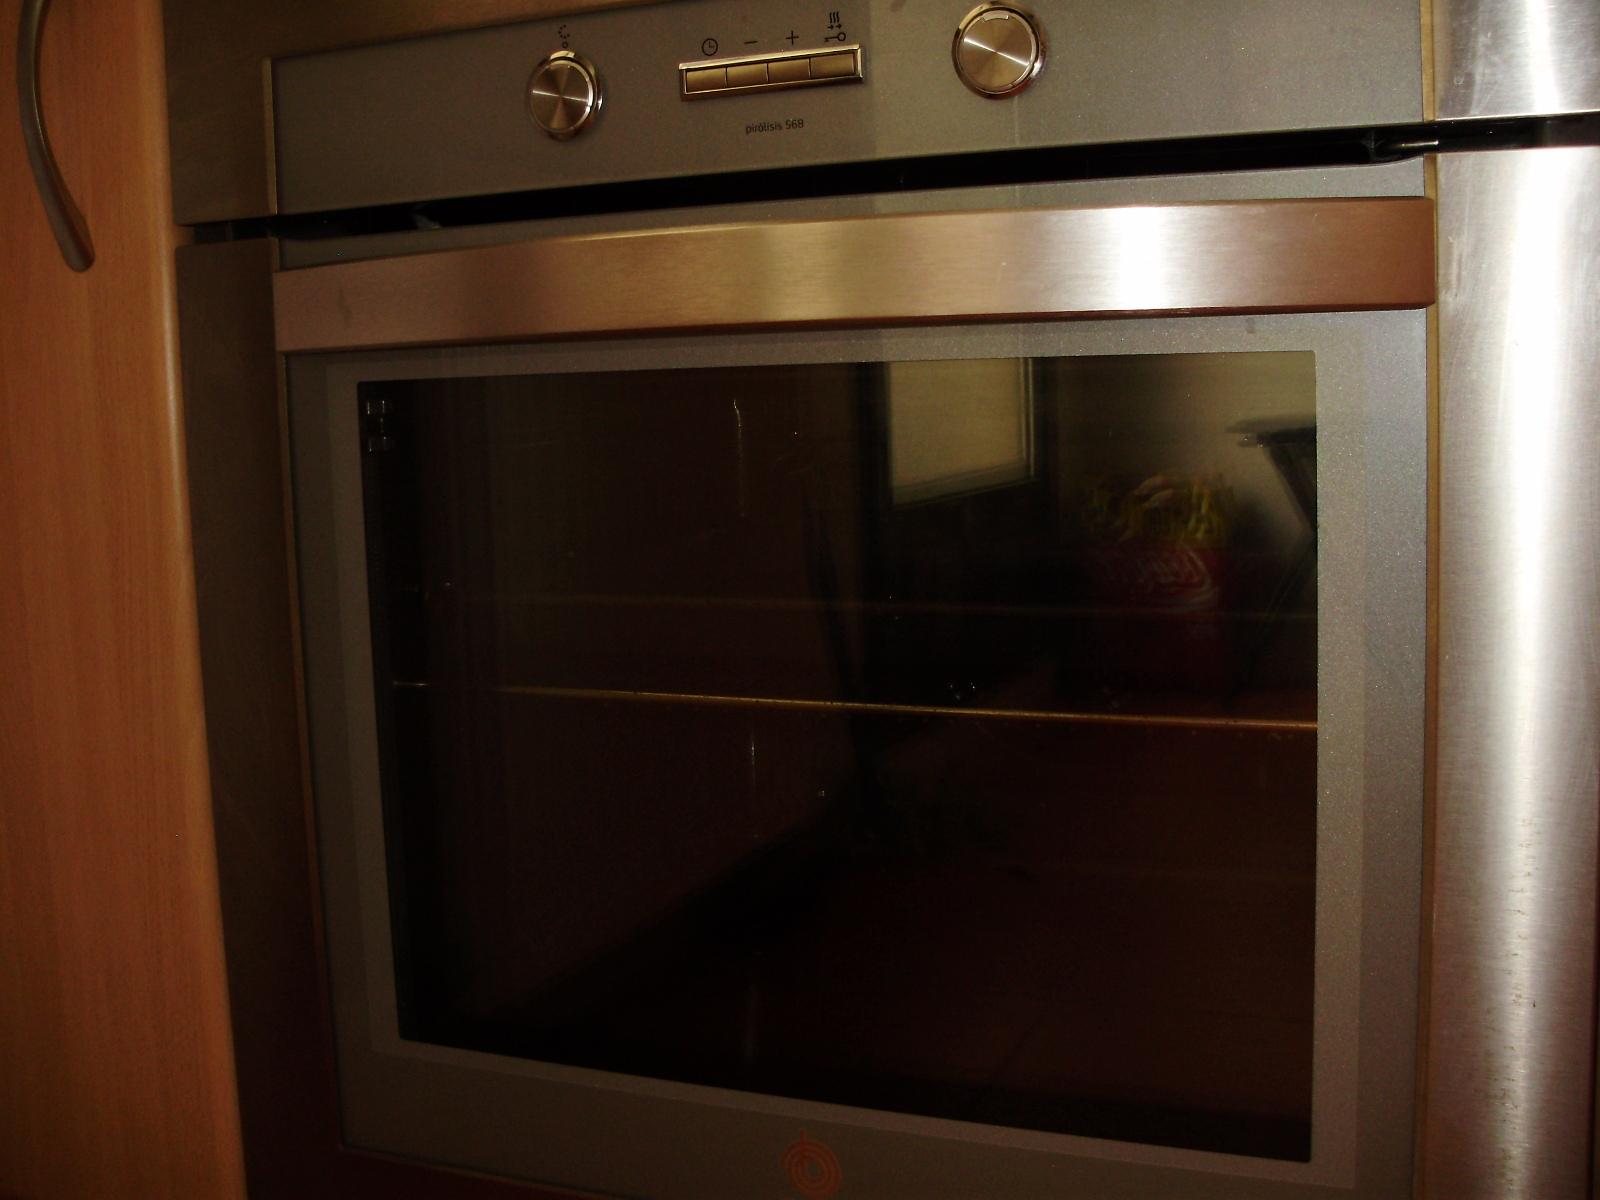 Consejos y trucos caseros como limpiar el horno de la cocina - Como limpiar el horno ...